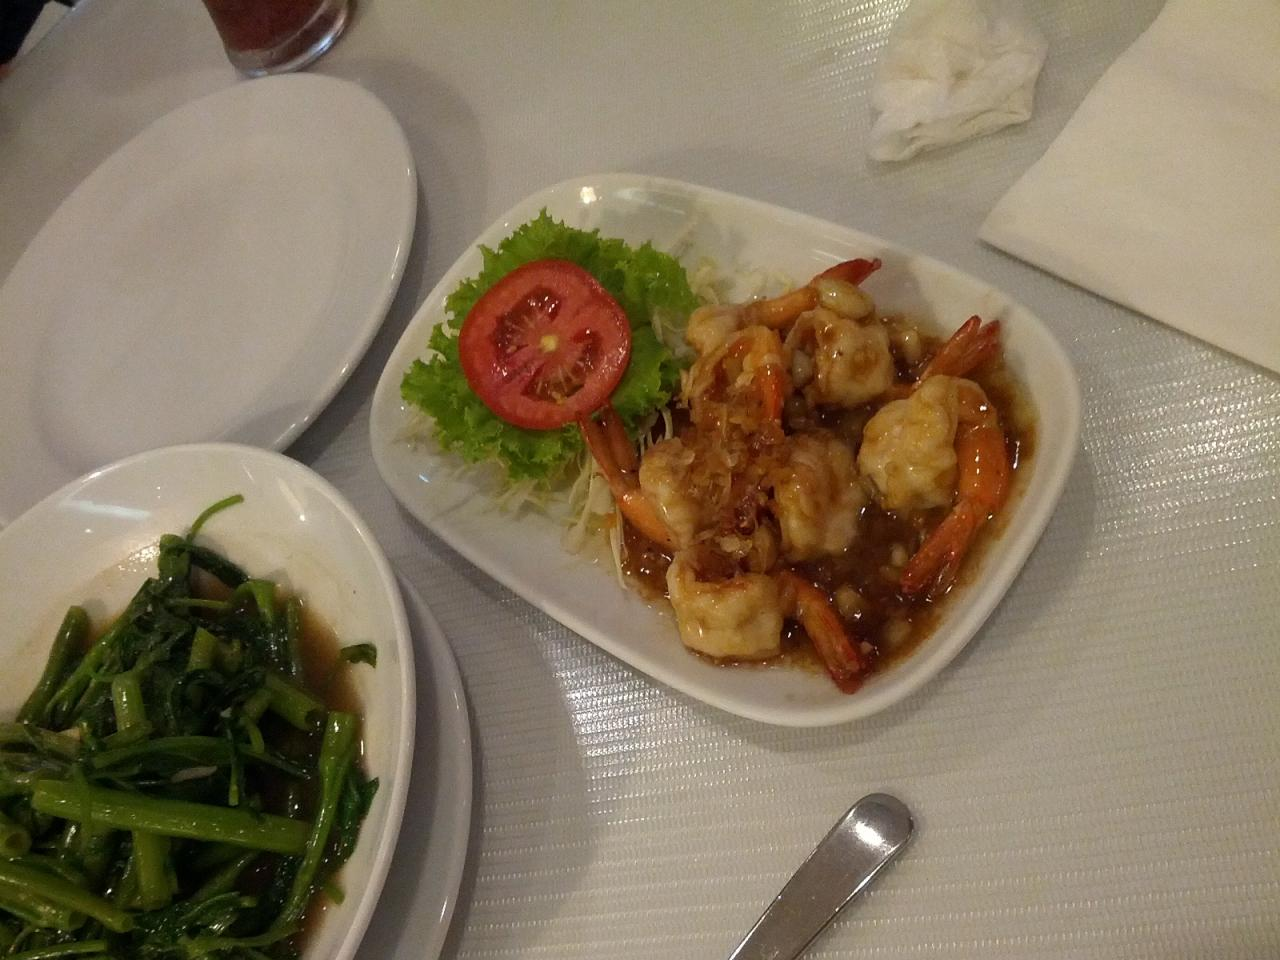 空心菜のレシピ | キッコーマン | ホームクッキング